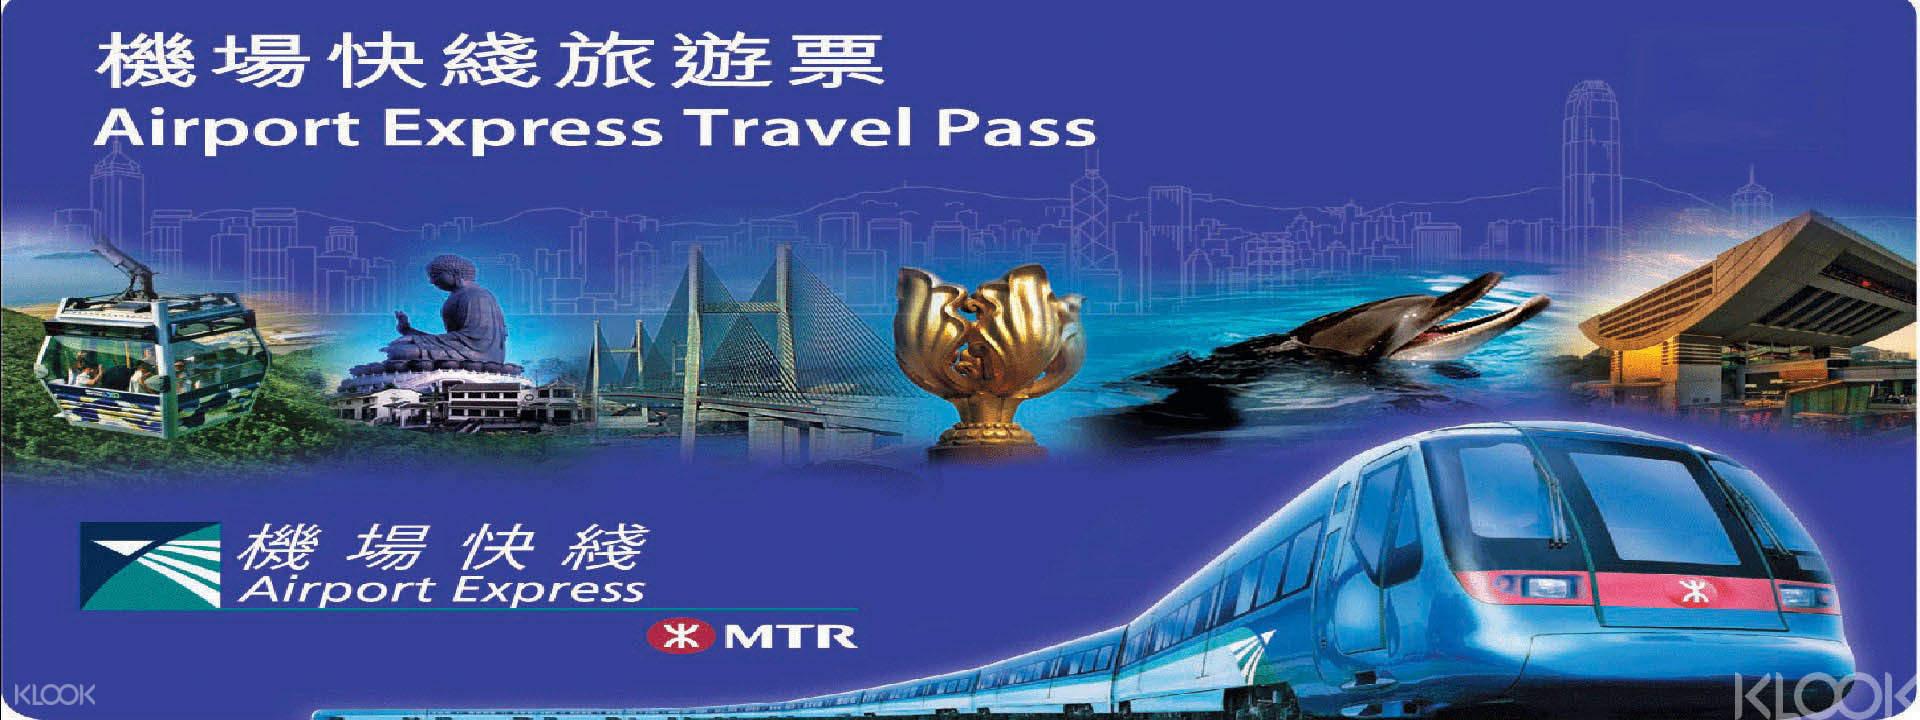 """Airport Express & MTR Travel Pass"""""""